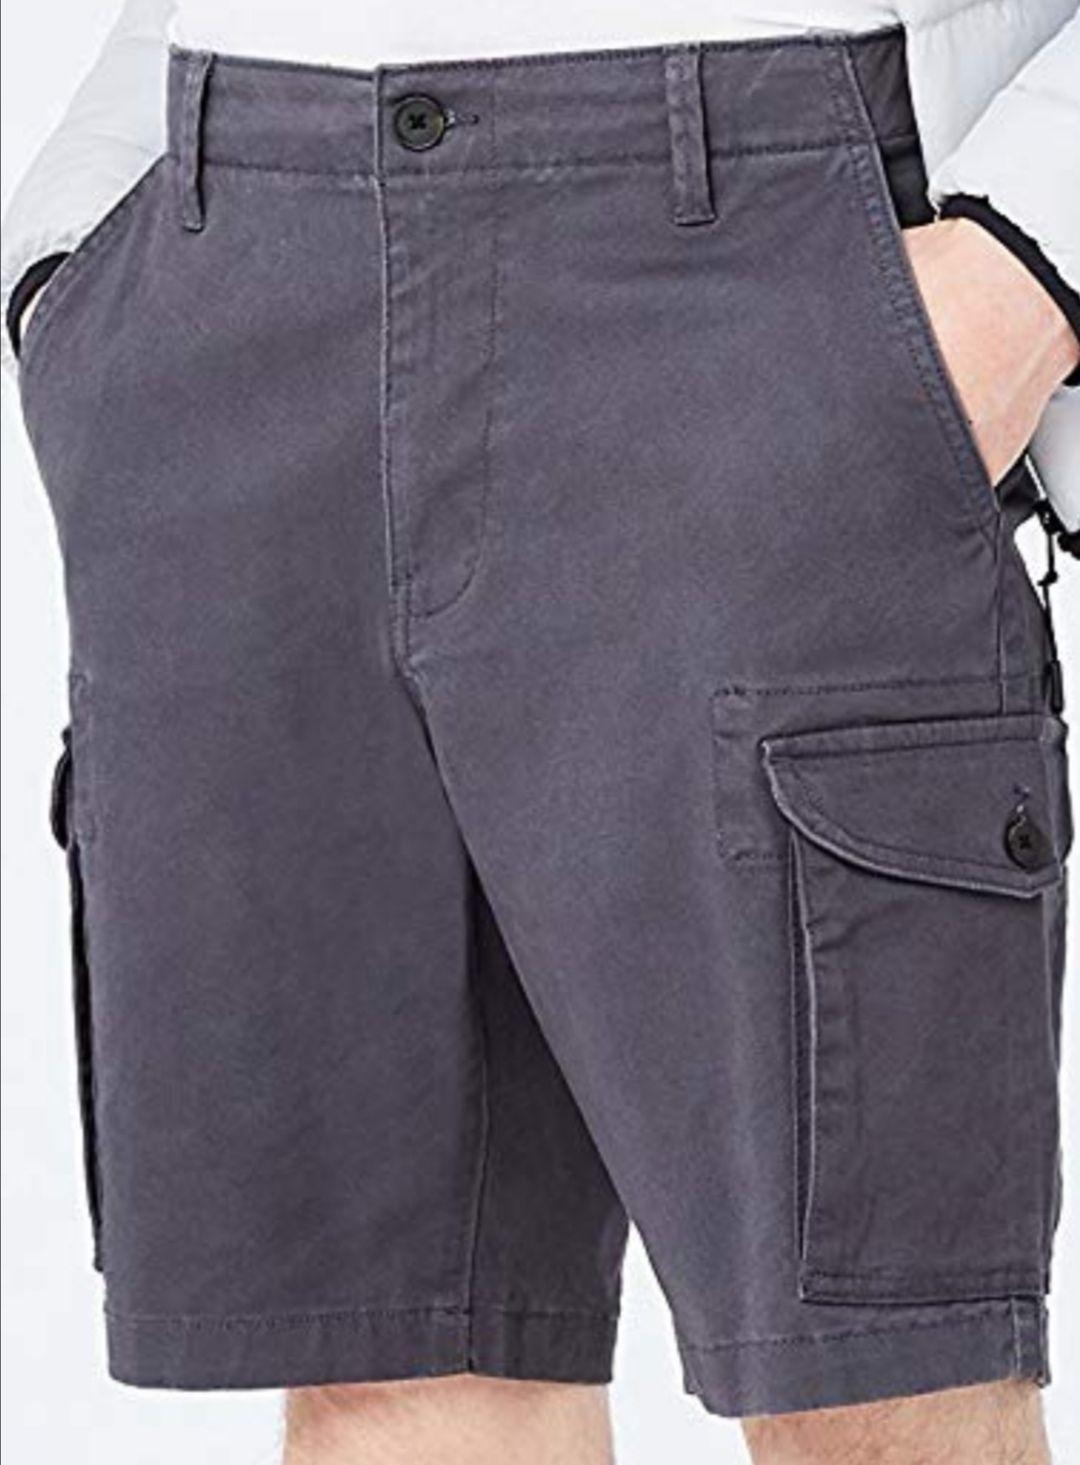 Pantalones Cortos, Hombre . Varias tallas y colores.